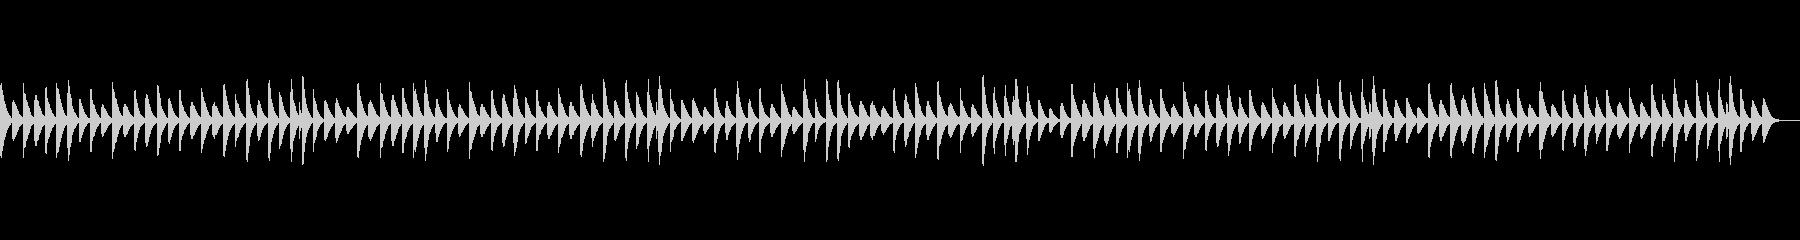 可愛らしいほのぼのとした木琴BGMの未再生の波形